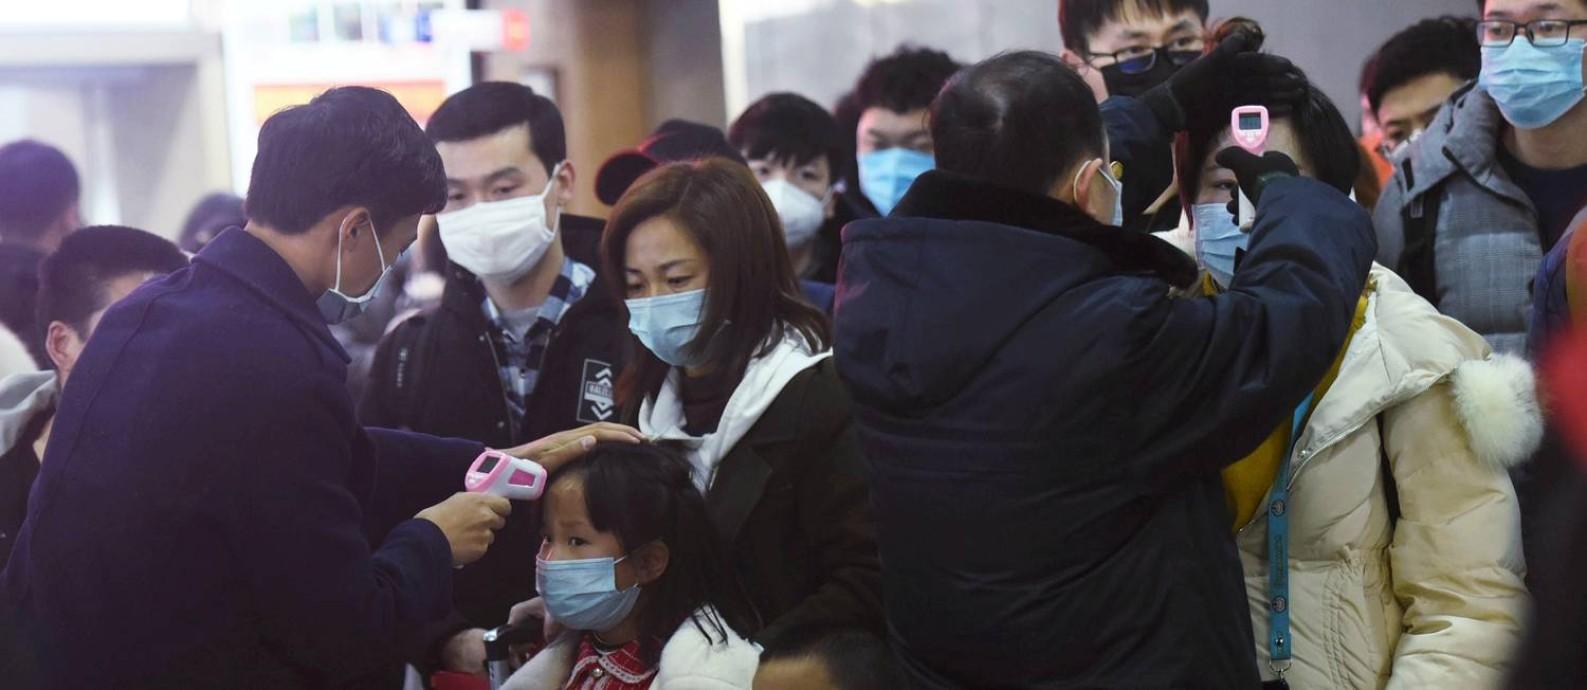 Funcionários checam temperatura corporal de passageiros que chegaram de Wuhan, epicentro da crise na China, na estaçaõ de trem de Hangzhou, na província de Zhejiang Foto: China Daily CDIC / REUTERS